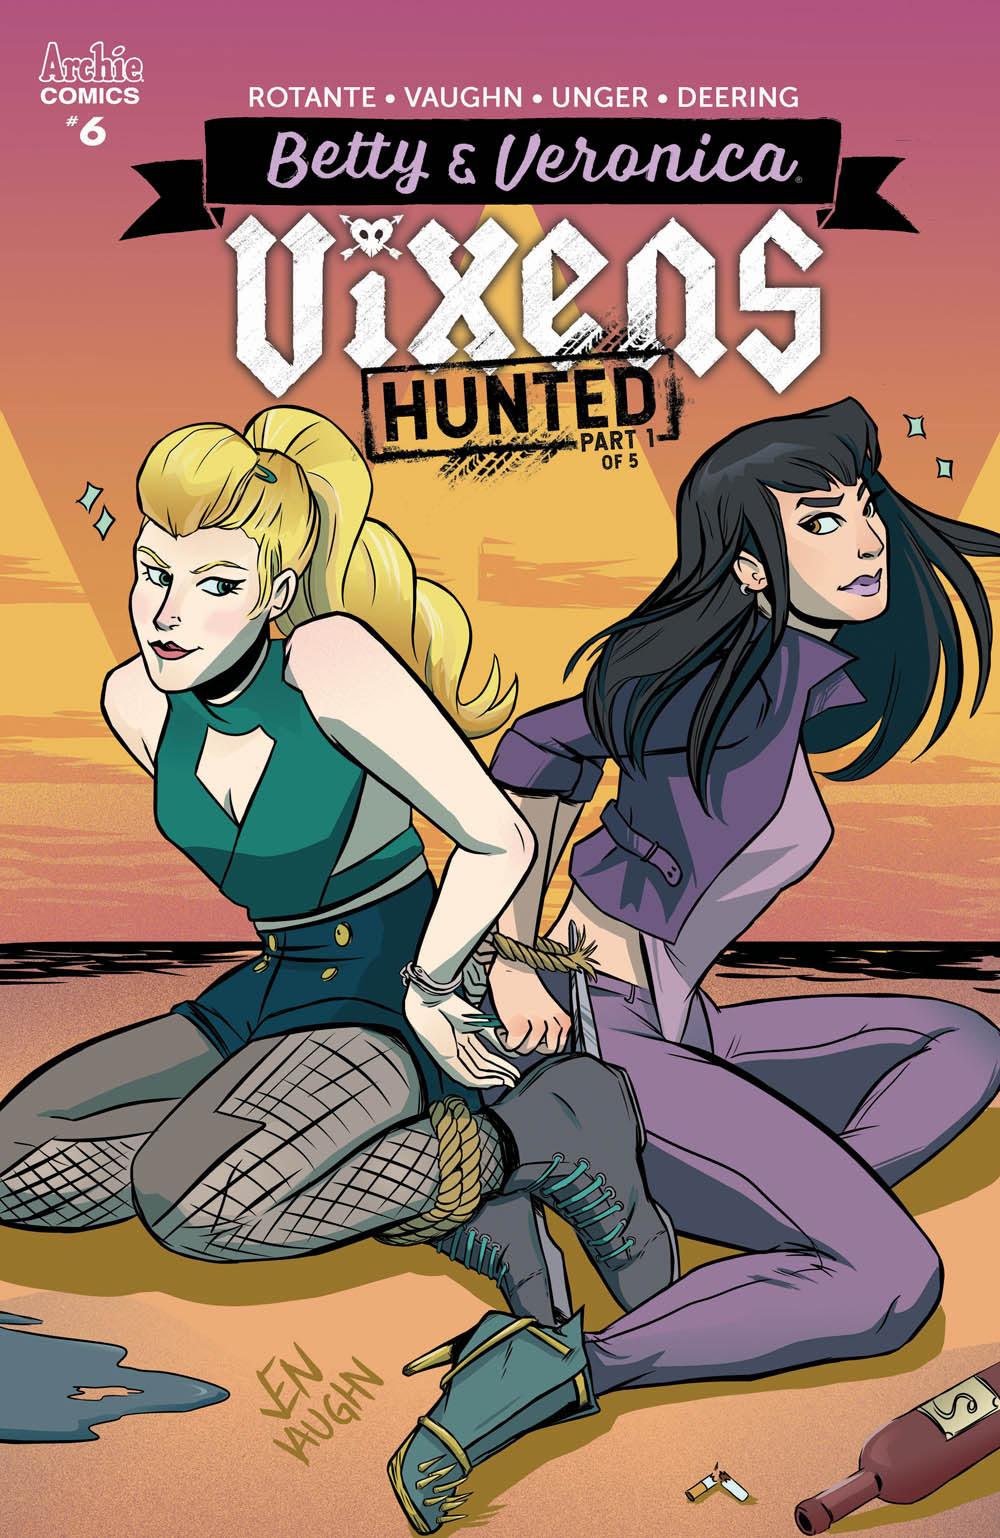 Betty & Veronica: Vixens #6: CVR A Vaughn